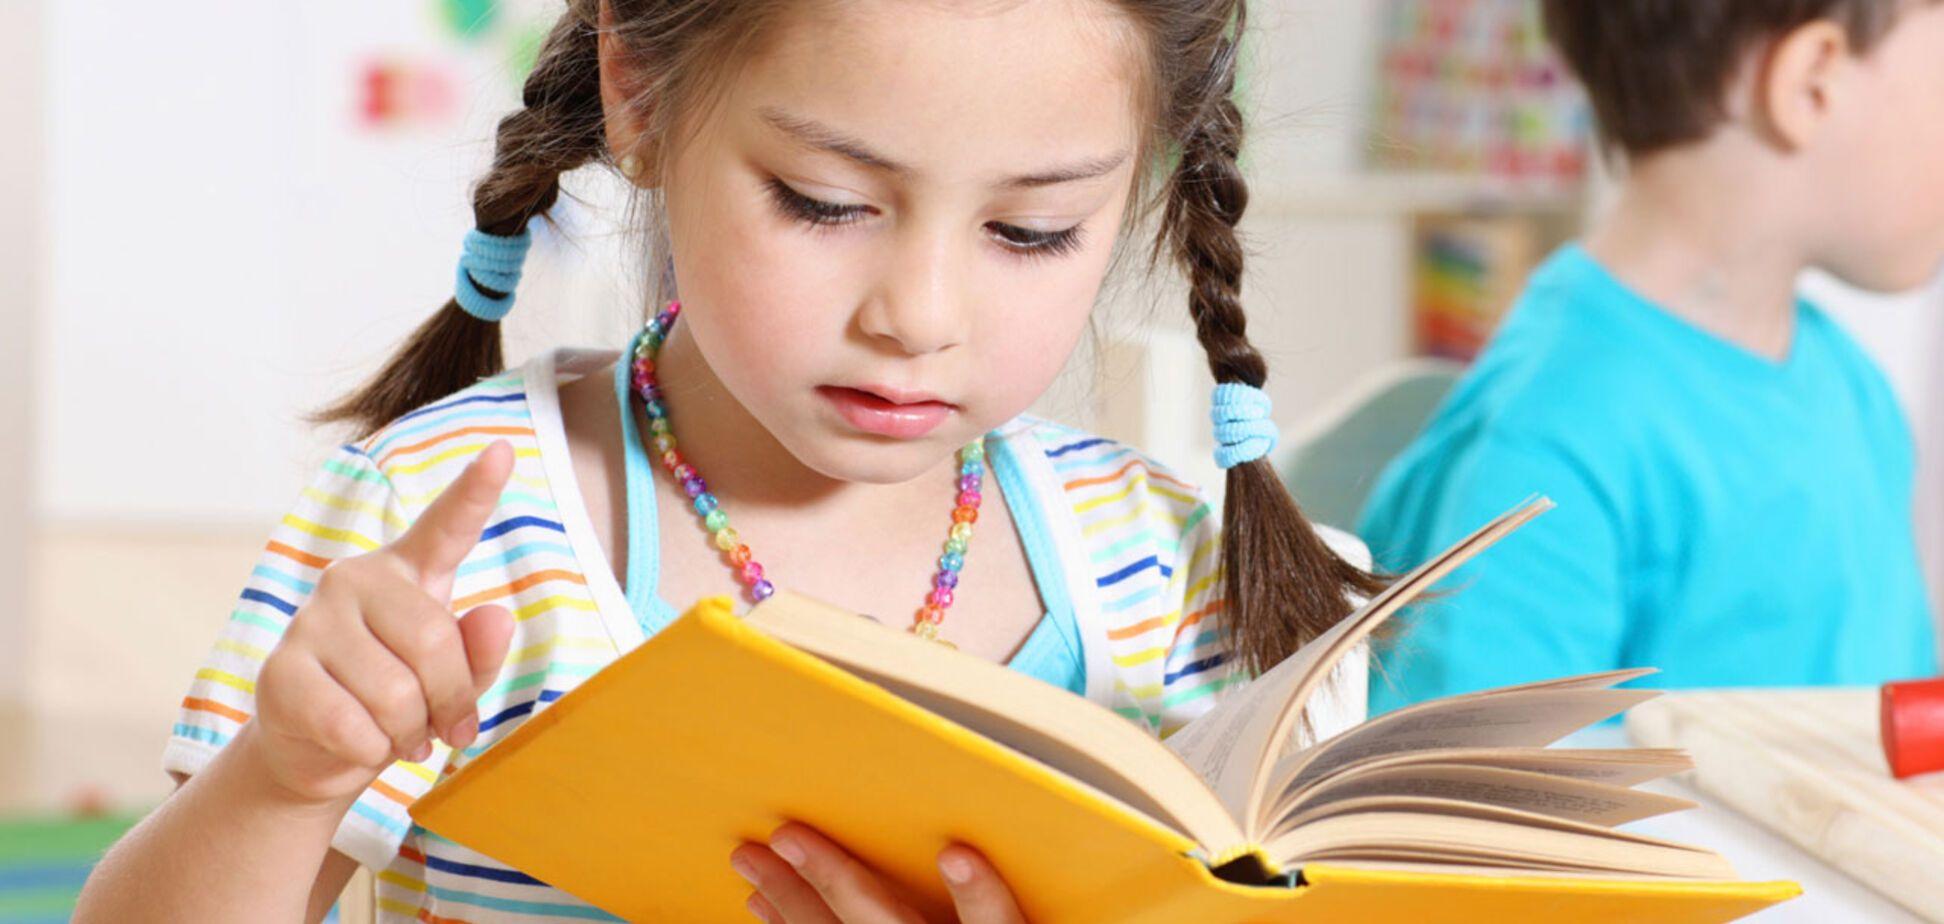 Діти з аутизмом в Дніпрі: як їм допомагають і що потрібно знати про хворобу